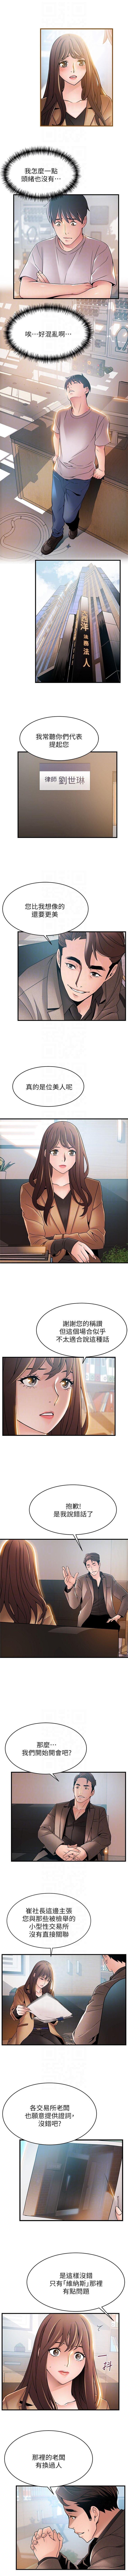 (週7)弱點 1-76 中文翻譯(更新中) 245